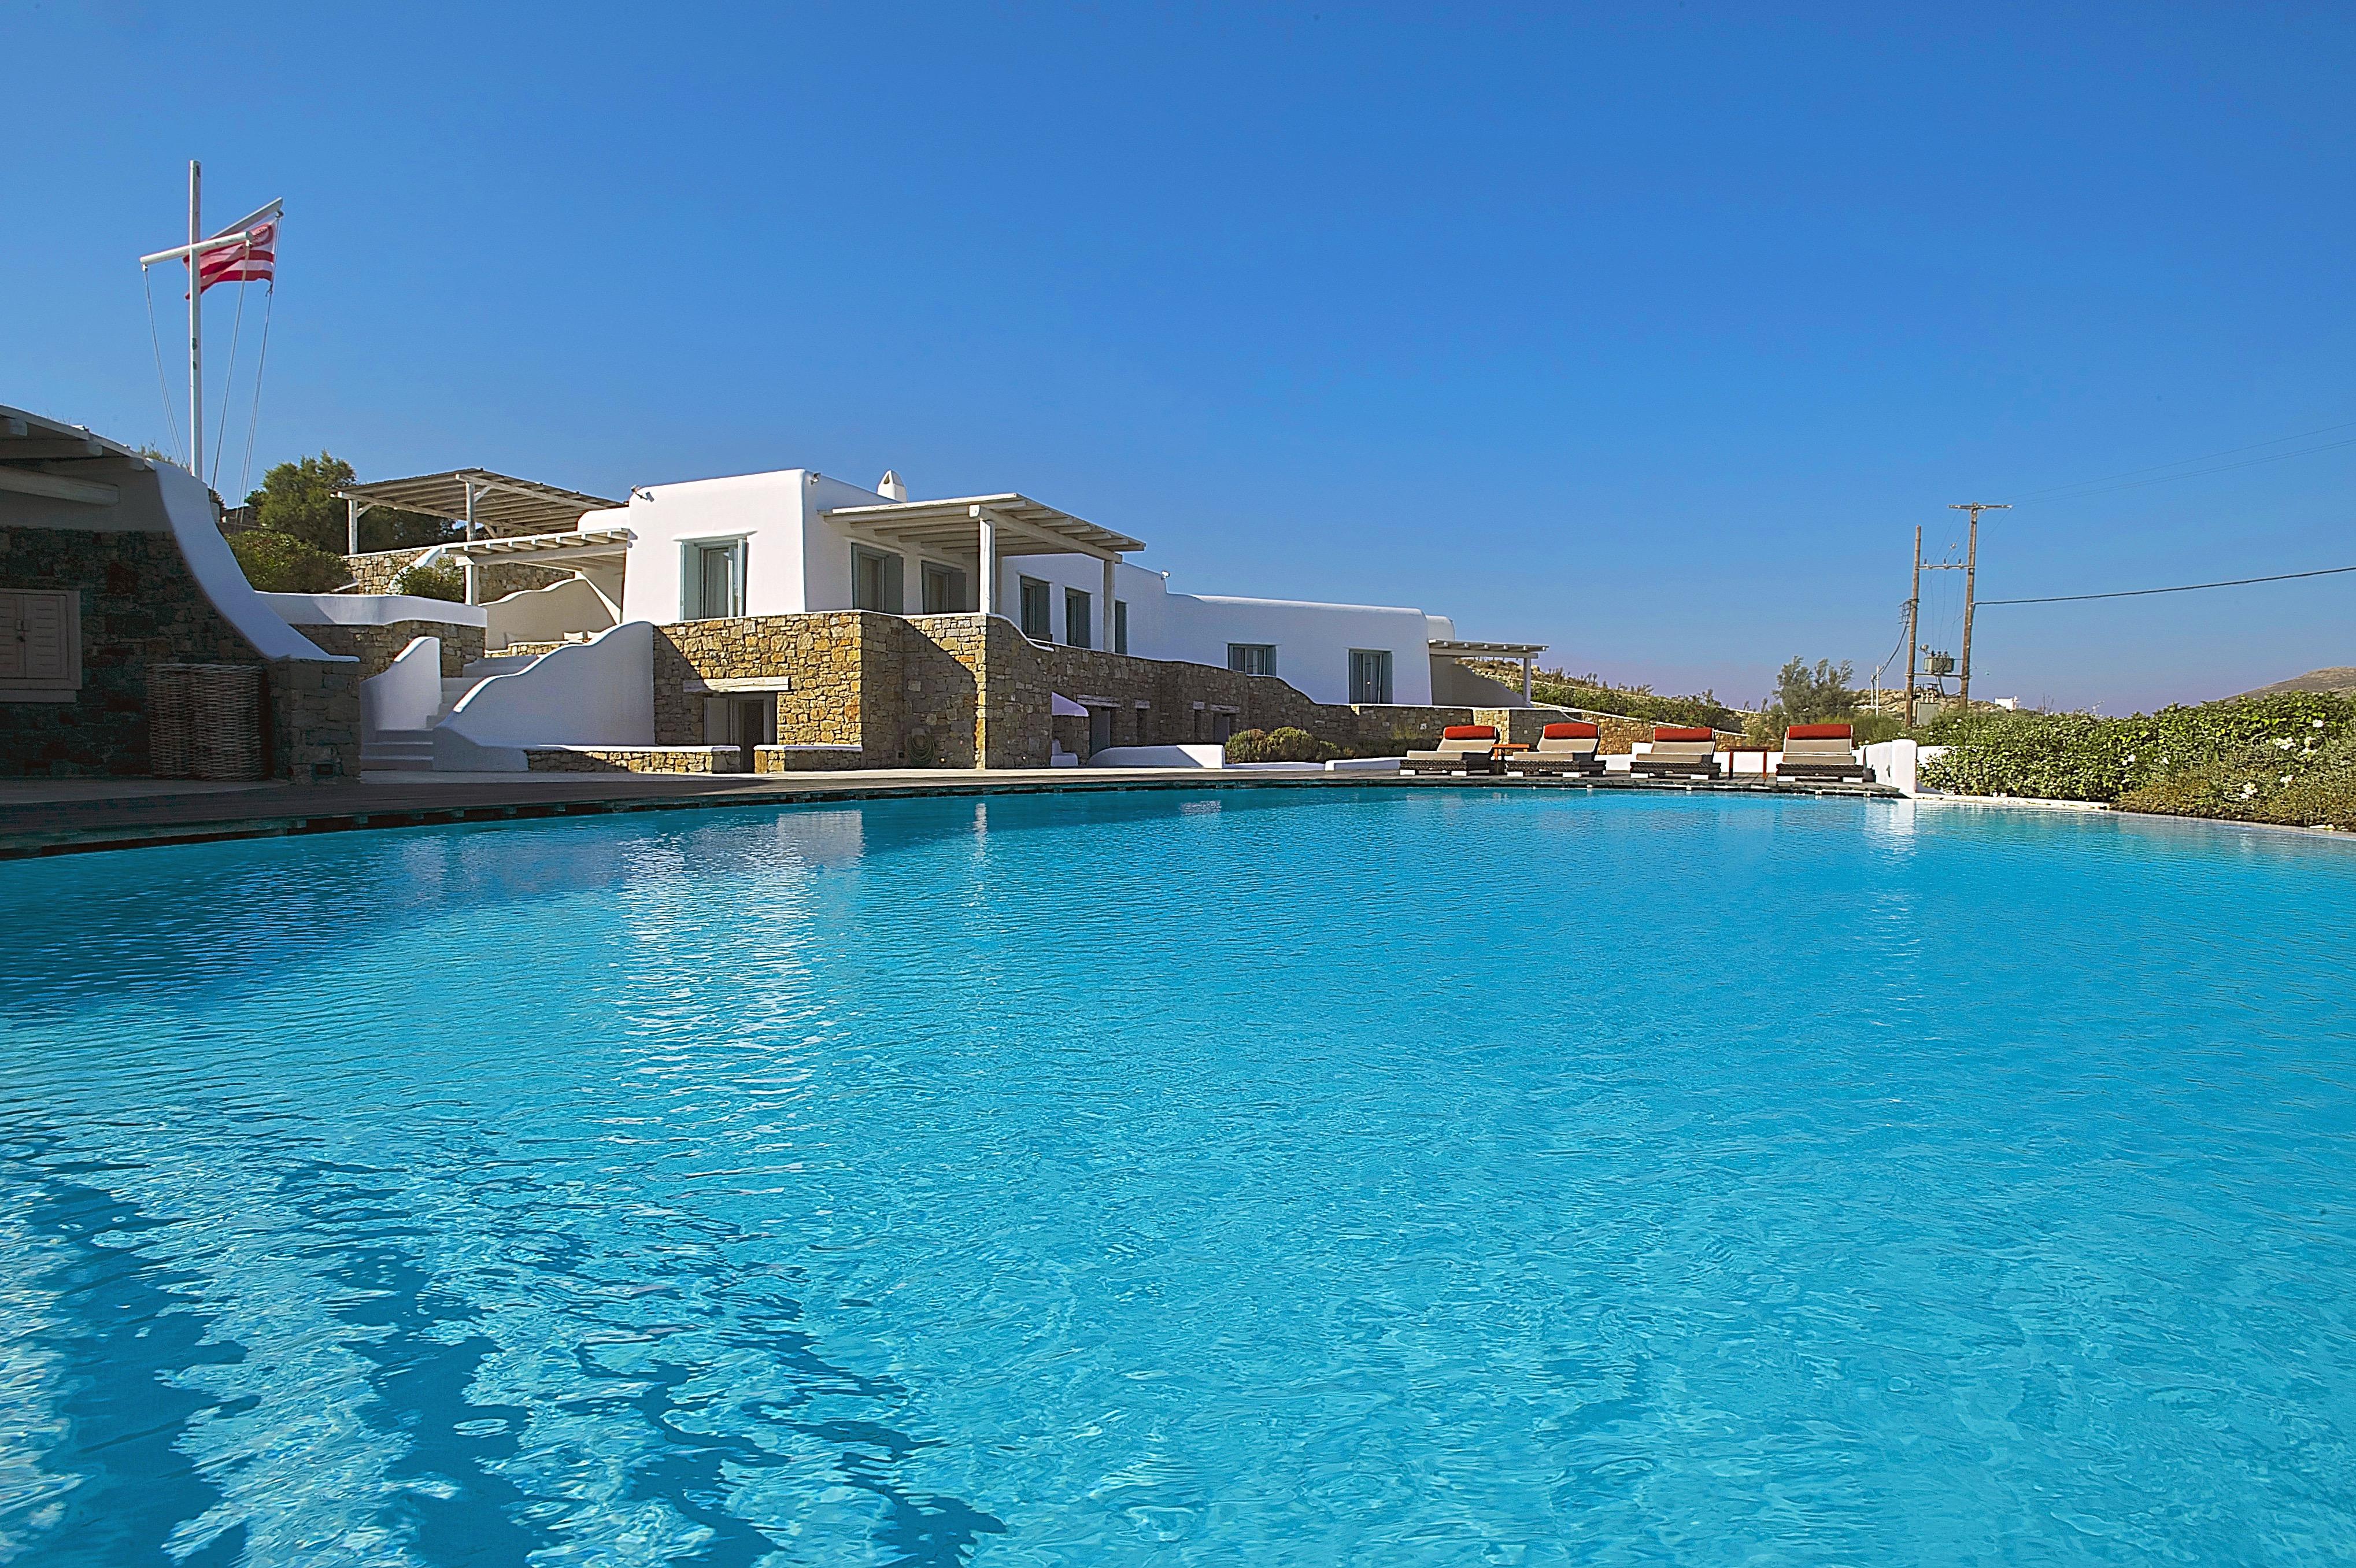 Casa Unifamiliar por un Venta en Italian Flair Kalafatis Mykonos, Egeo Meridional, 84600 Grecia